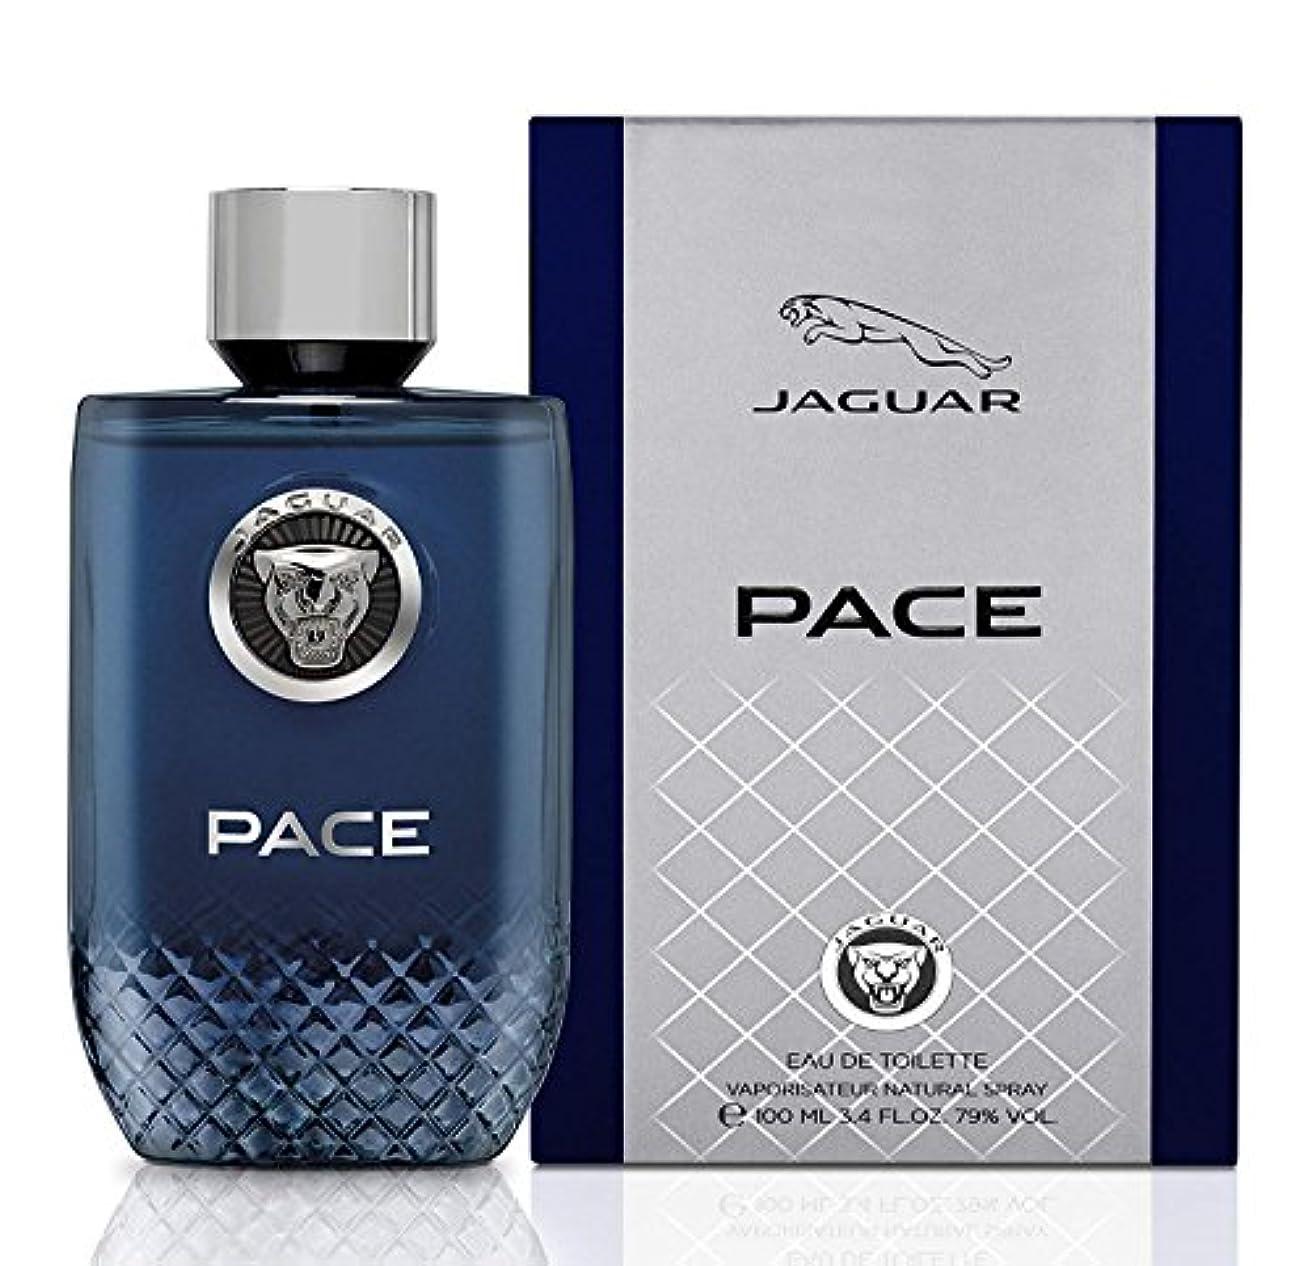 聴衆水没宿題【テスター】 ジャガー JAGUAR ペース スプレー オードトワレ EDT SP 100ml 香水 フレグランス メンズ